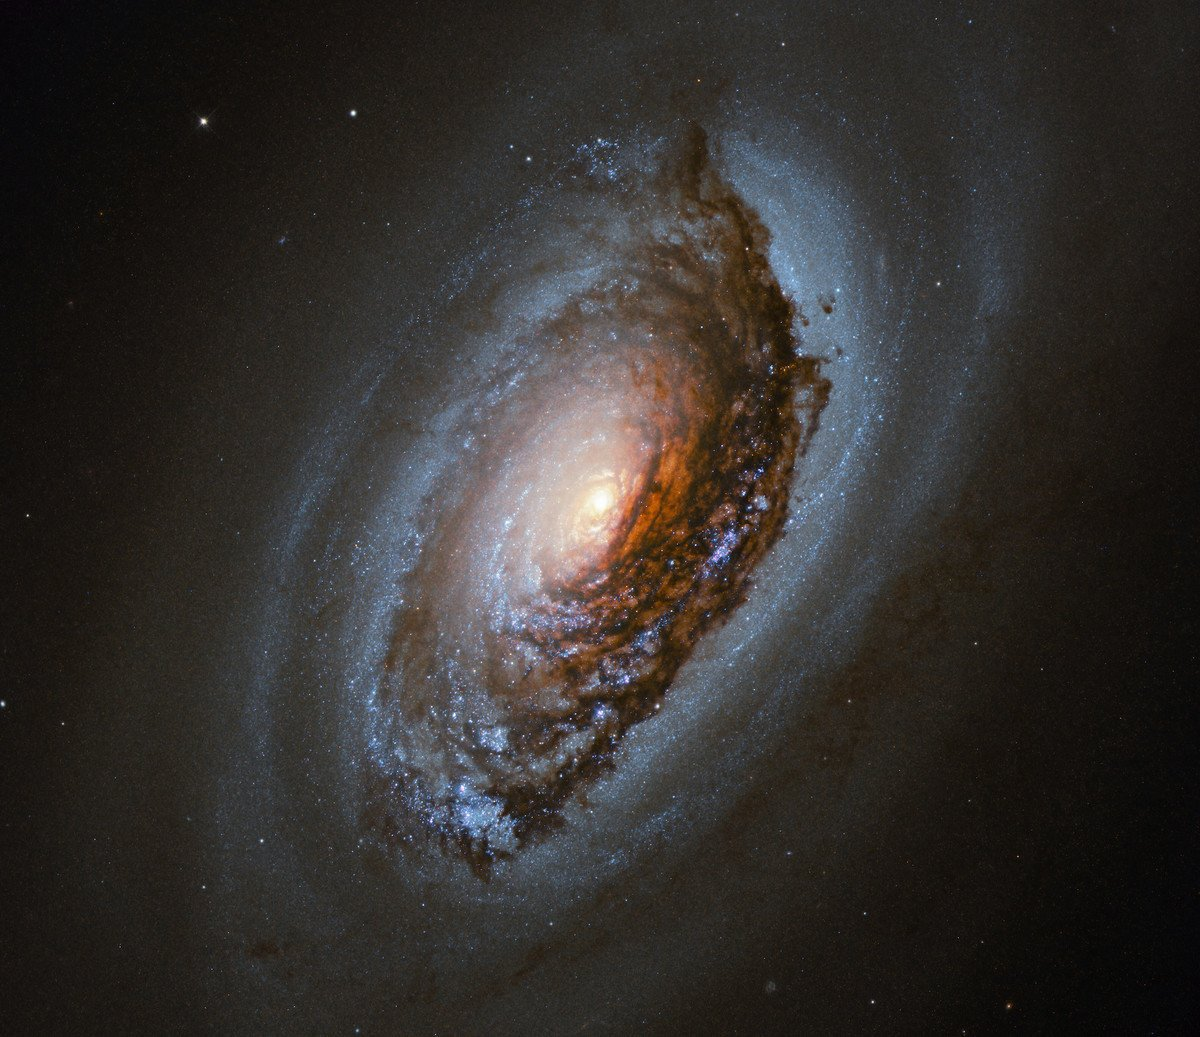 (ESA/Hubble & NASA)